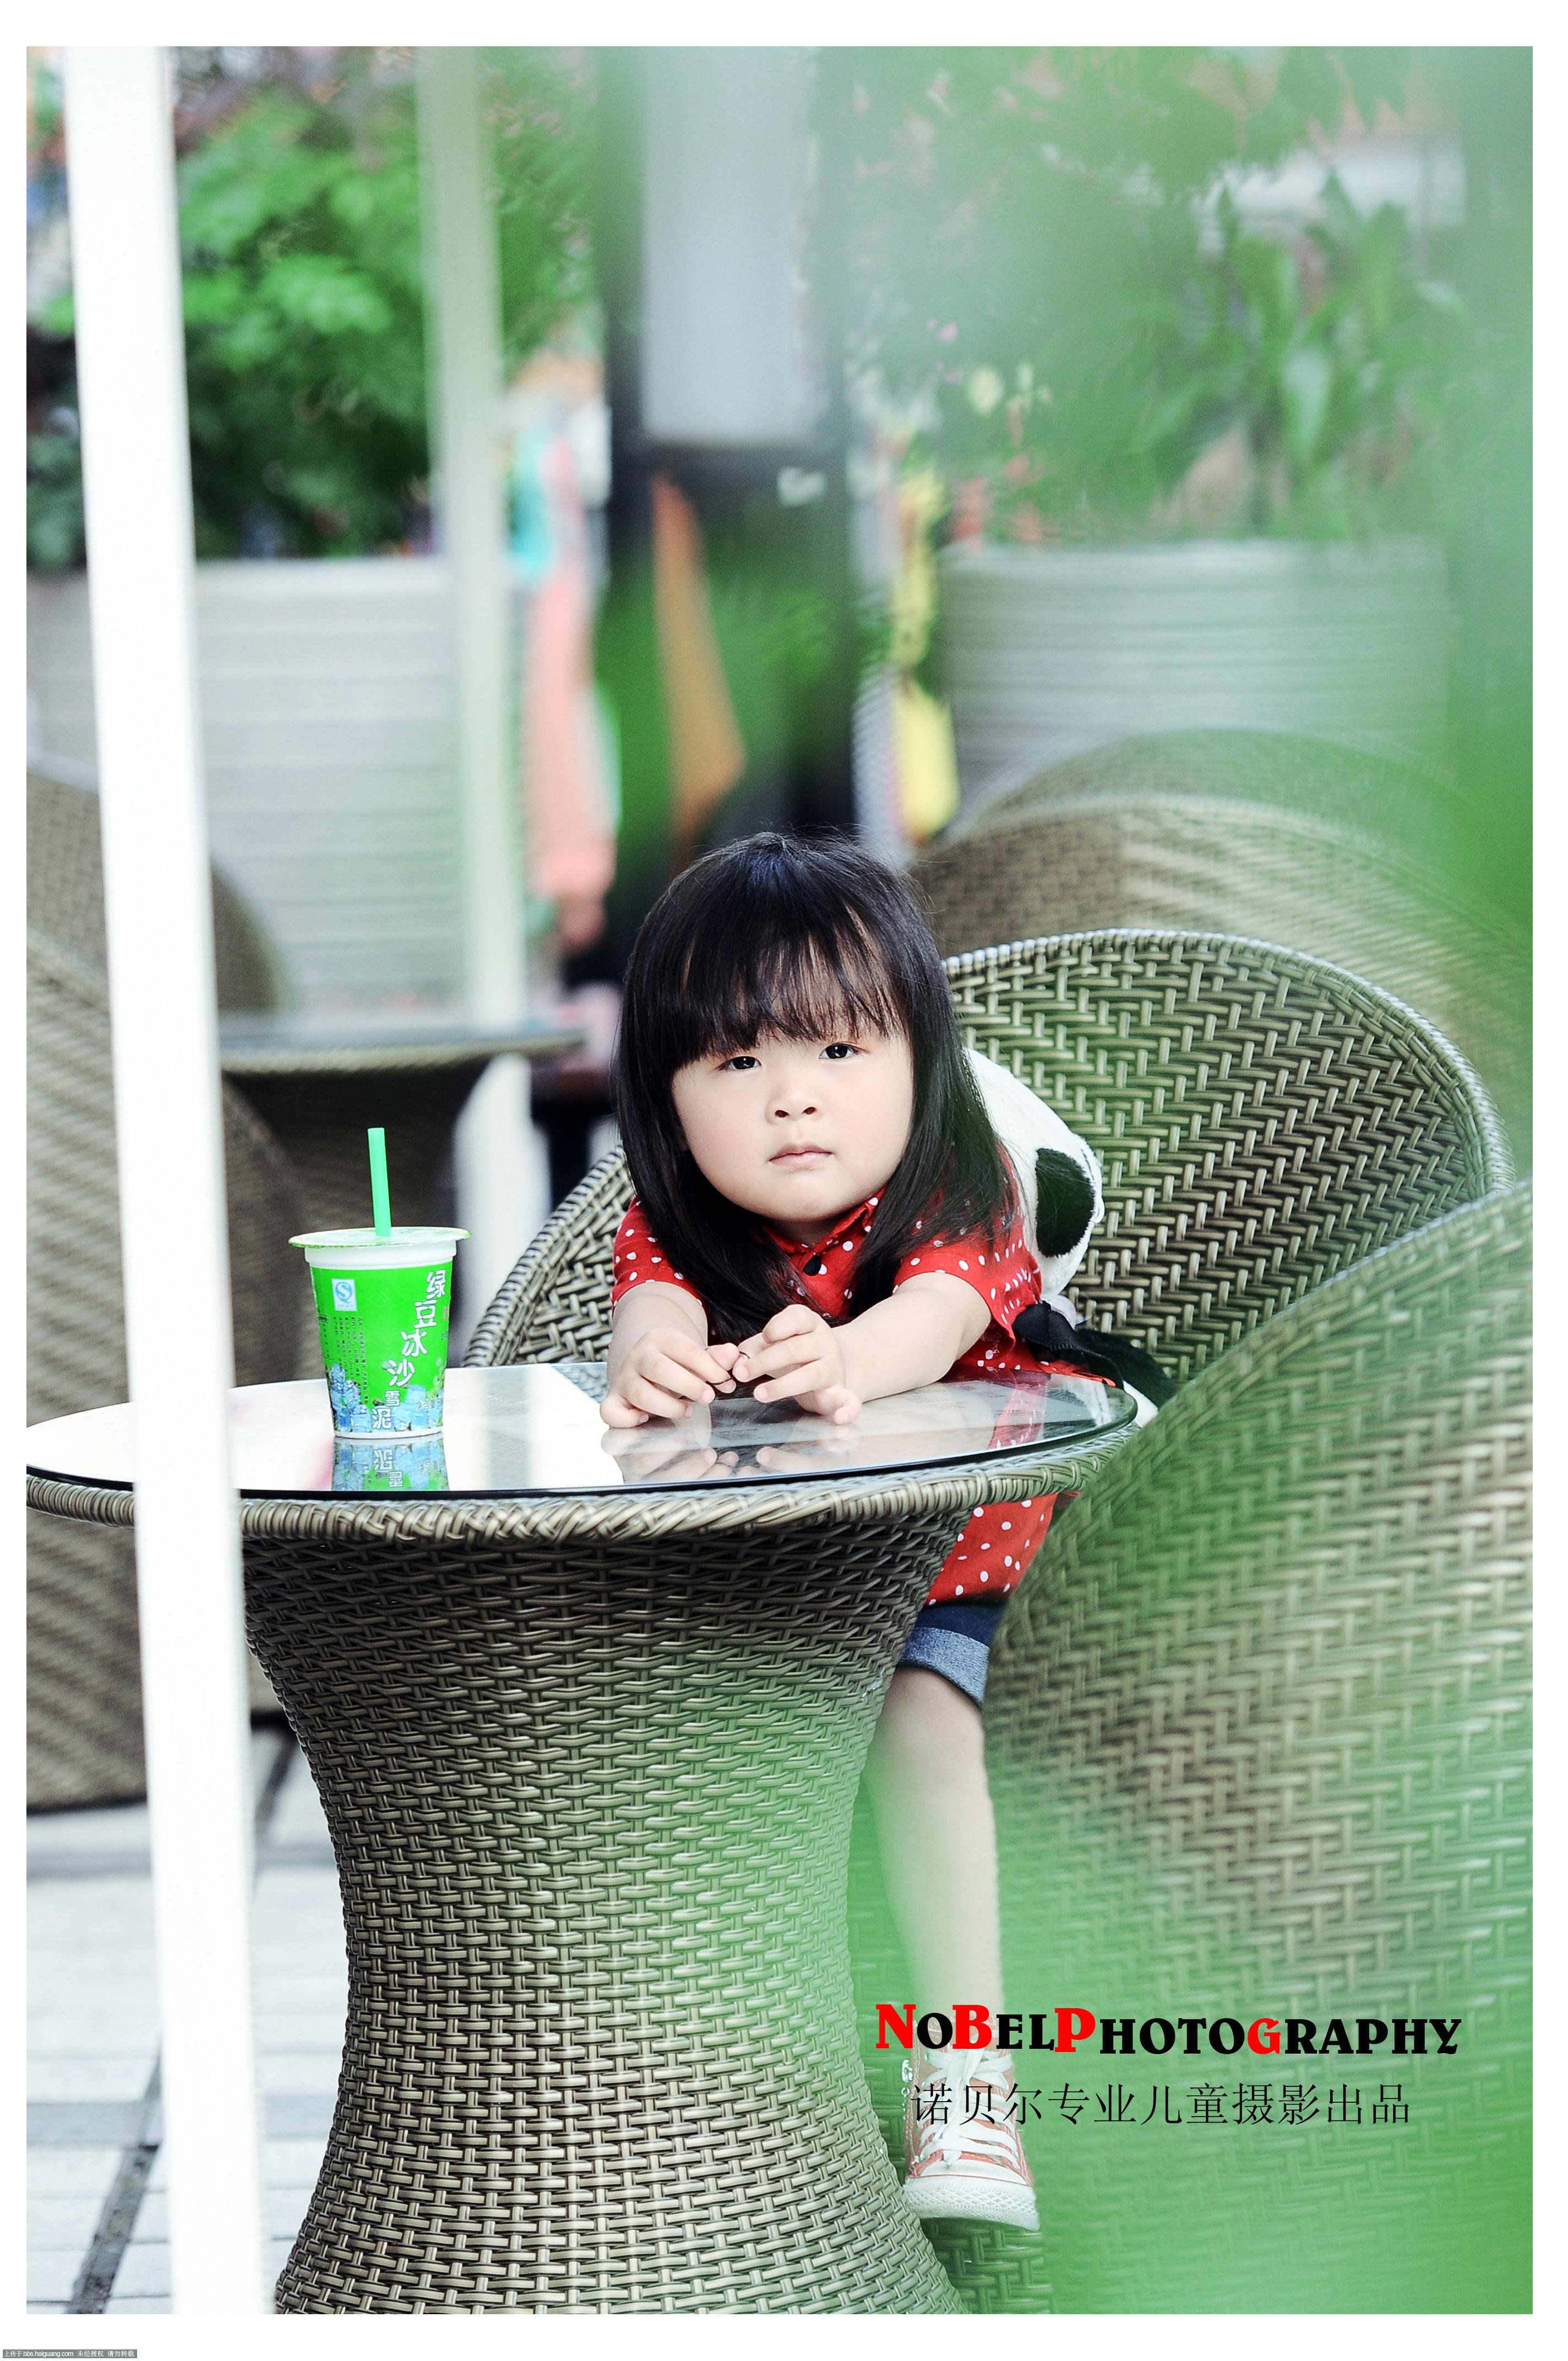 黑光网u2杯儿童摄影大赛【阿为作品】